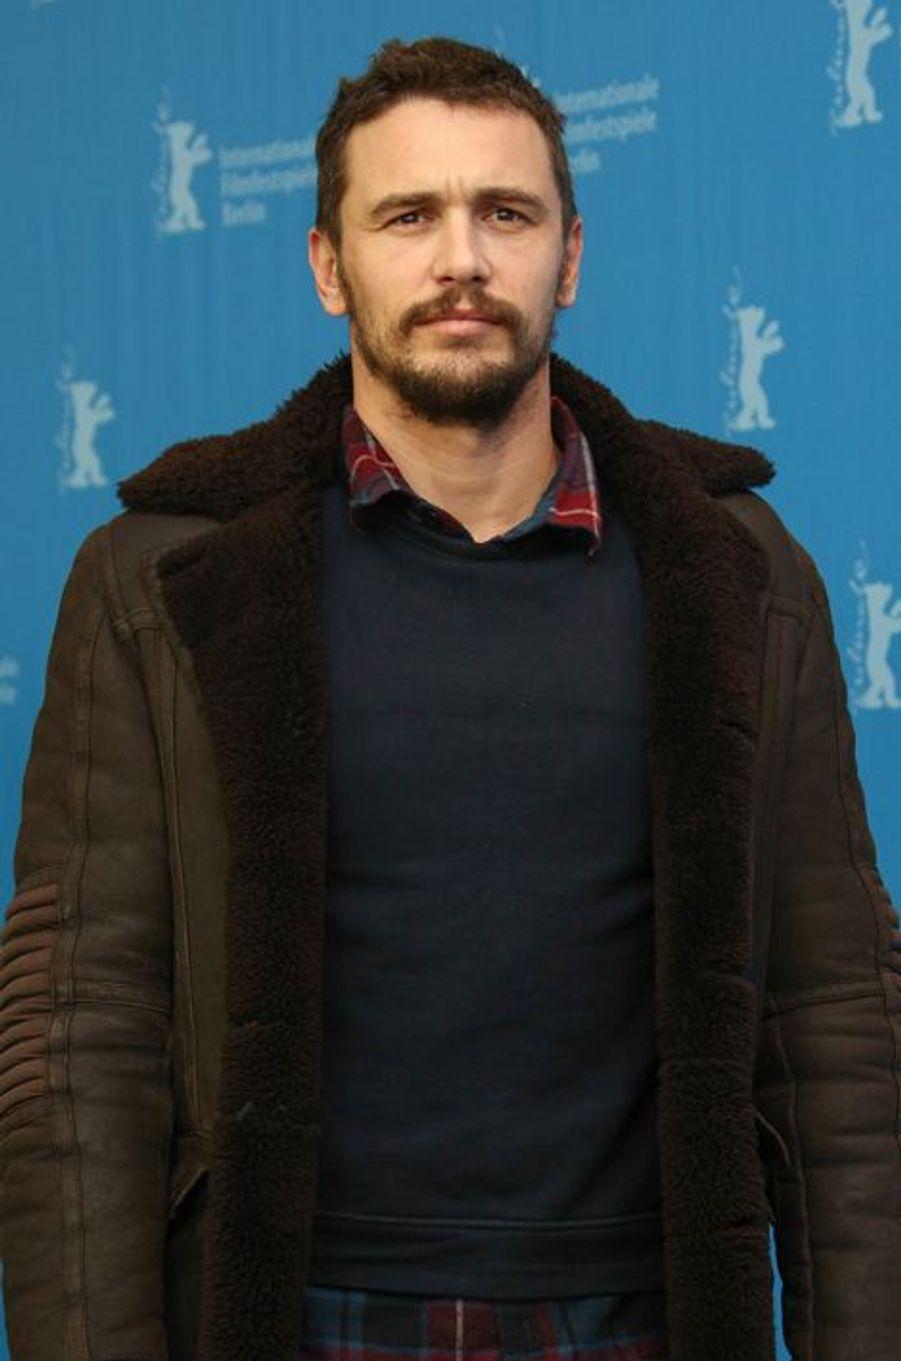 Acteur et écrivain, James Franco a adapté ou co-réalisé plusieurs œuvres qui lui tenaient à cœur. En 2015, il présentera ses deux nouveaux films : «Bukowski» et «In Dubious Battle».